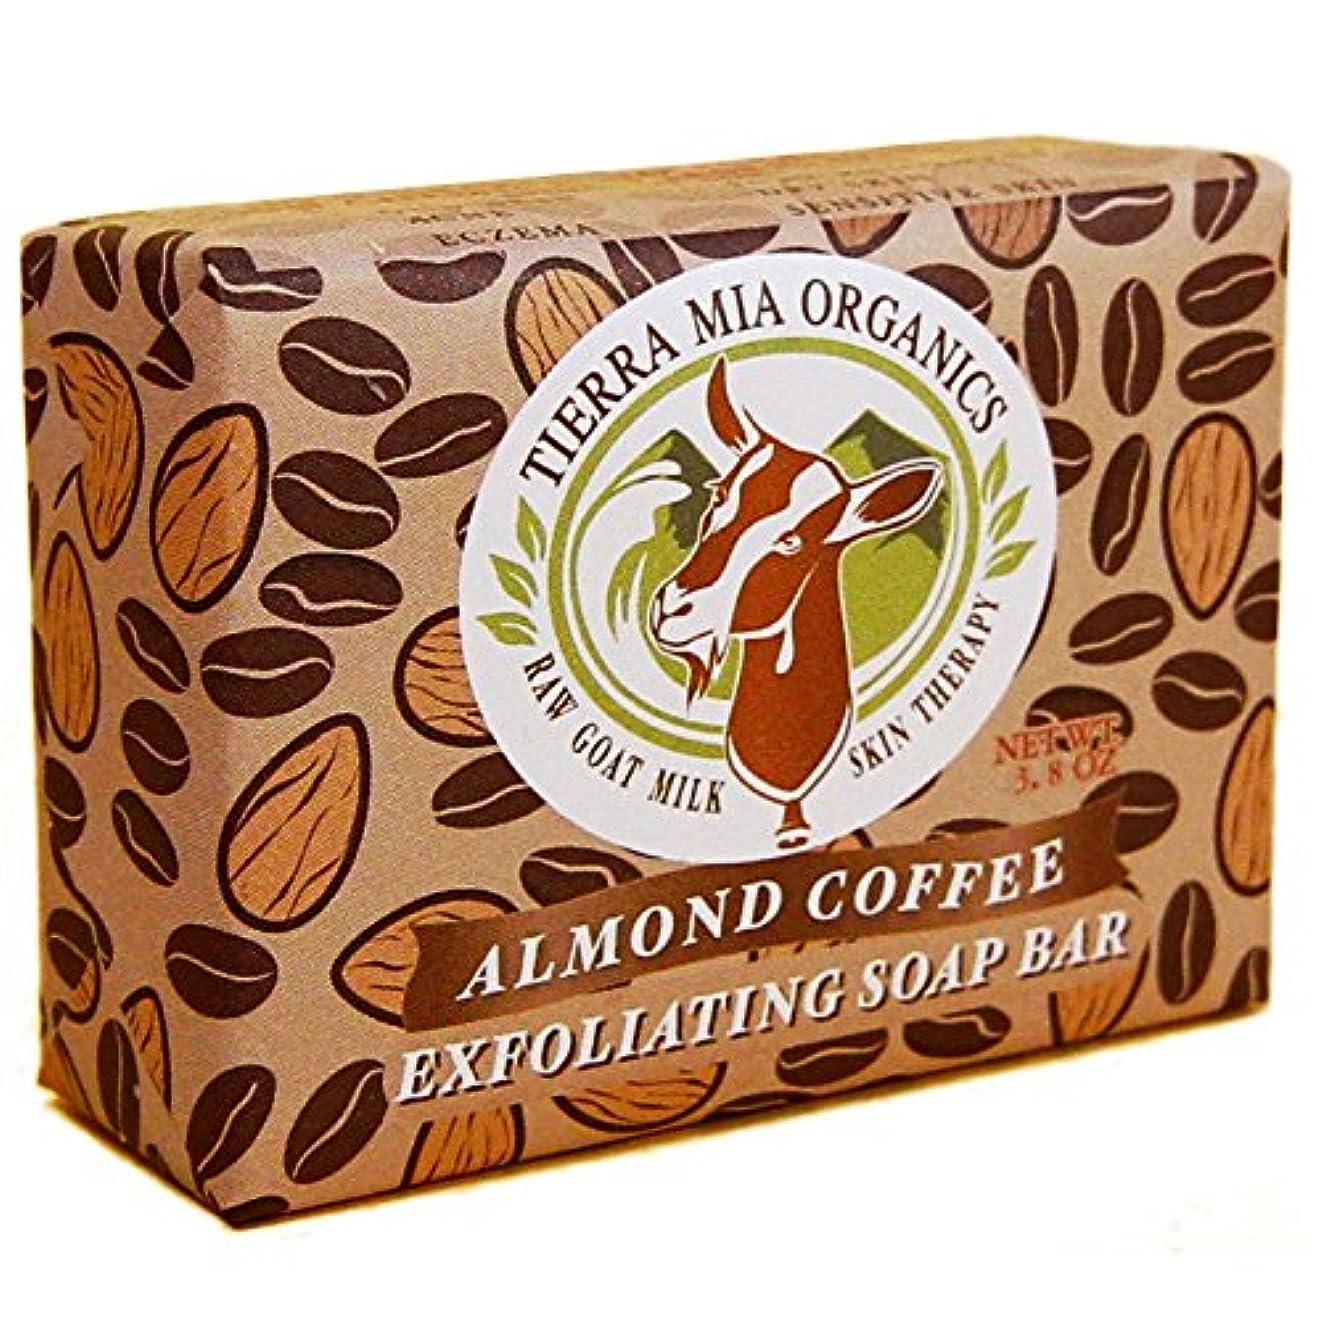 ブラウズ整然とした固体Tierra Mia Organics, Raw Goat Milk Skin Therapy, Exfoliating Soap Bar, Almond Coffee, 3.8 oz